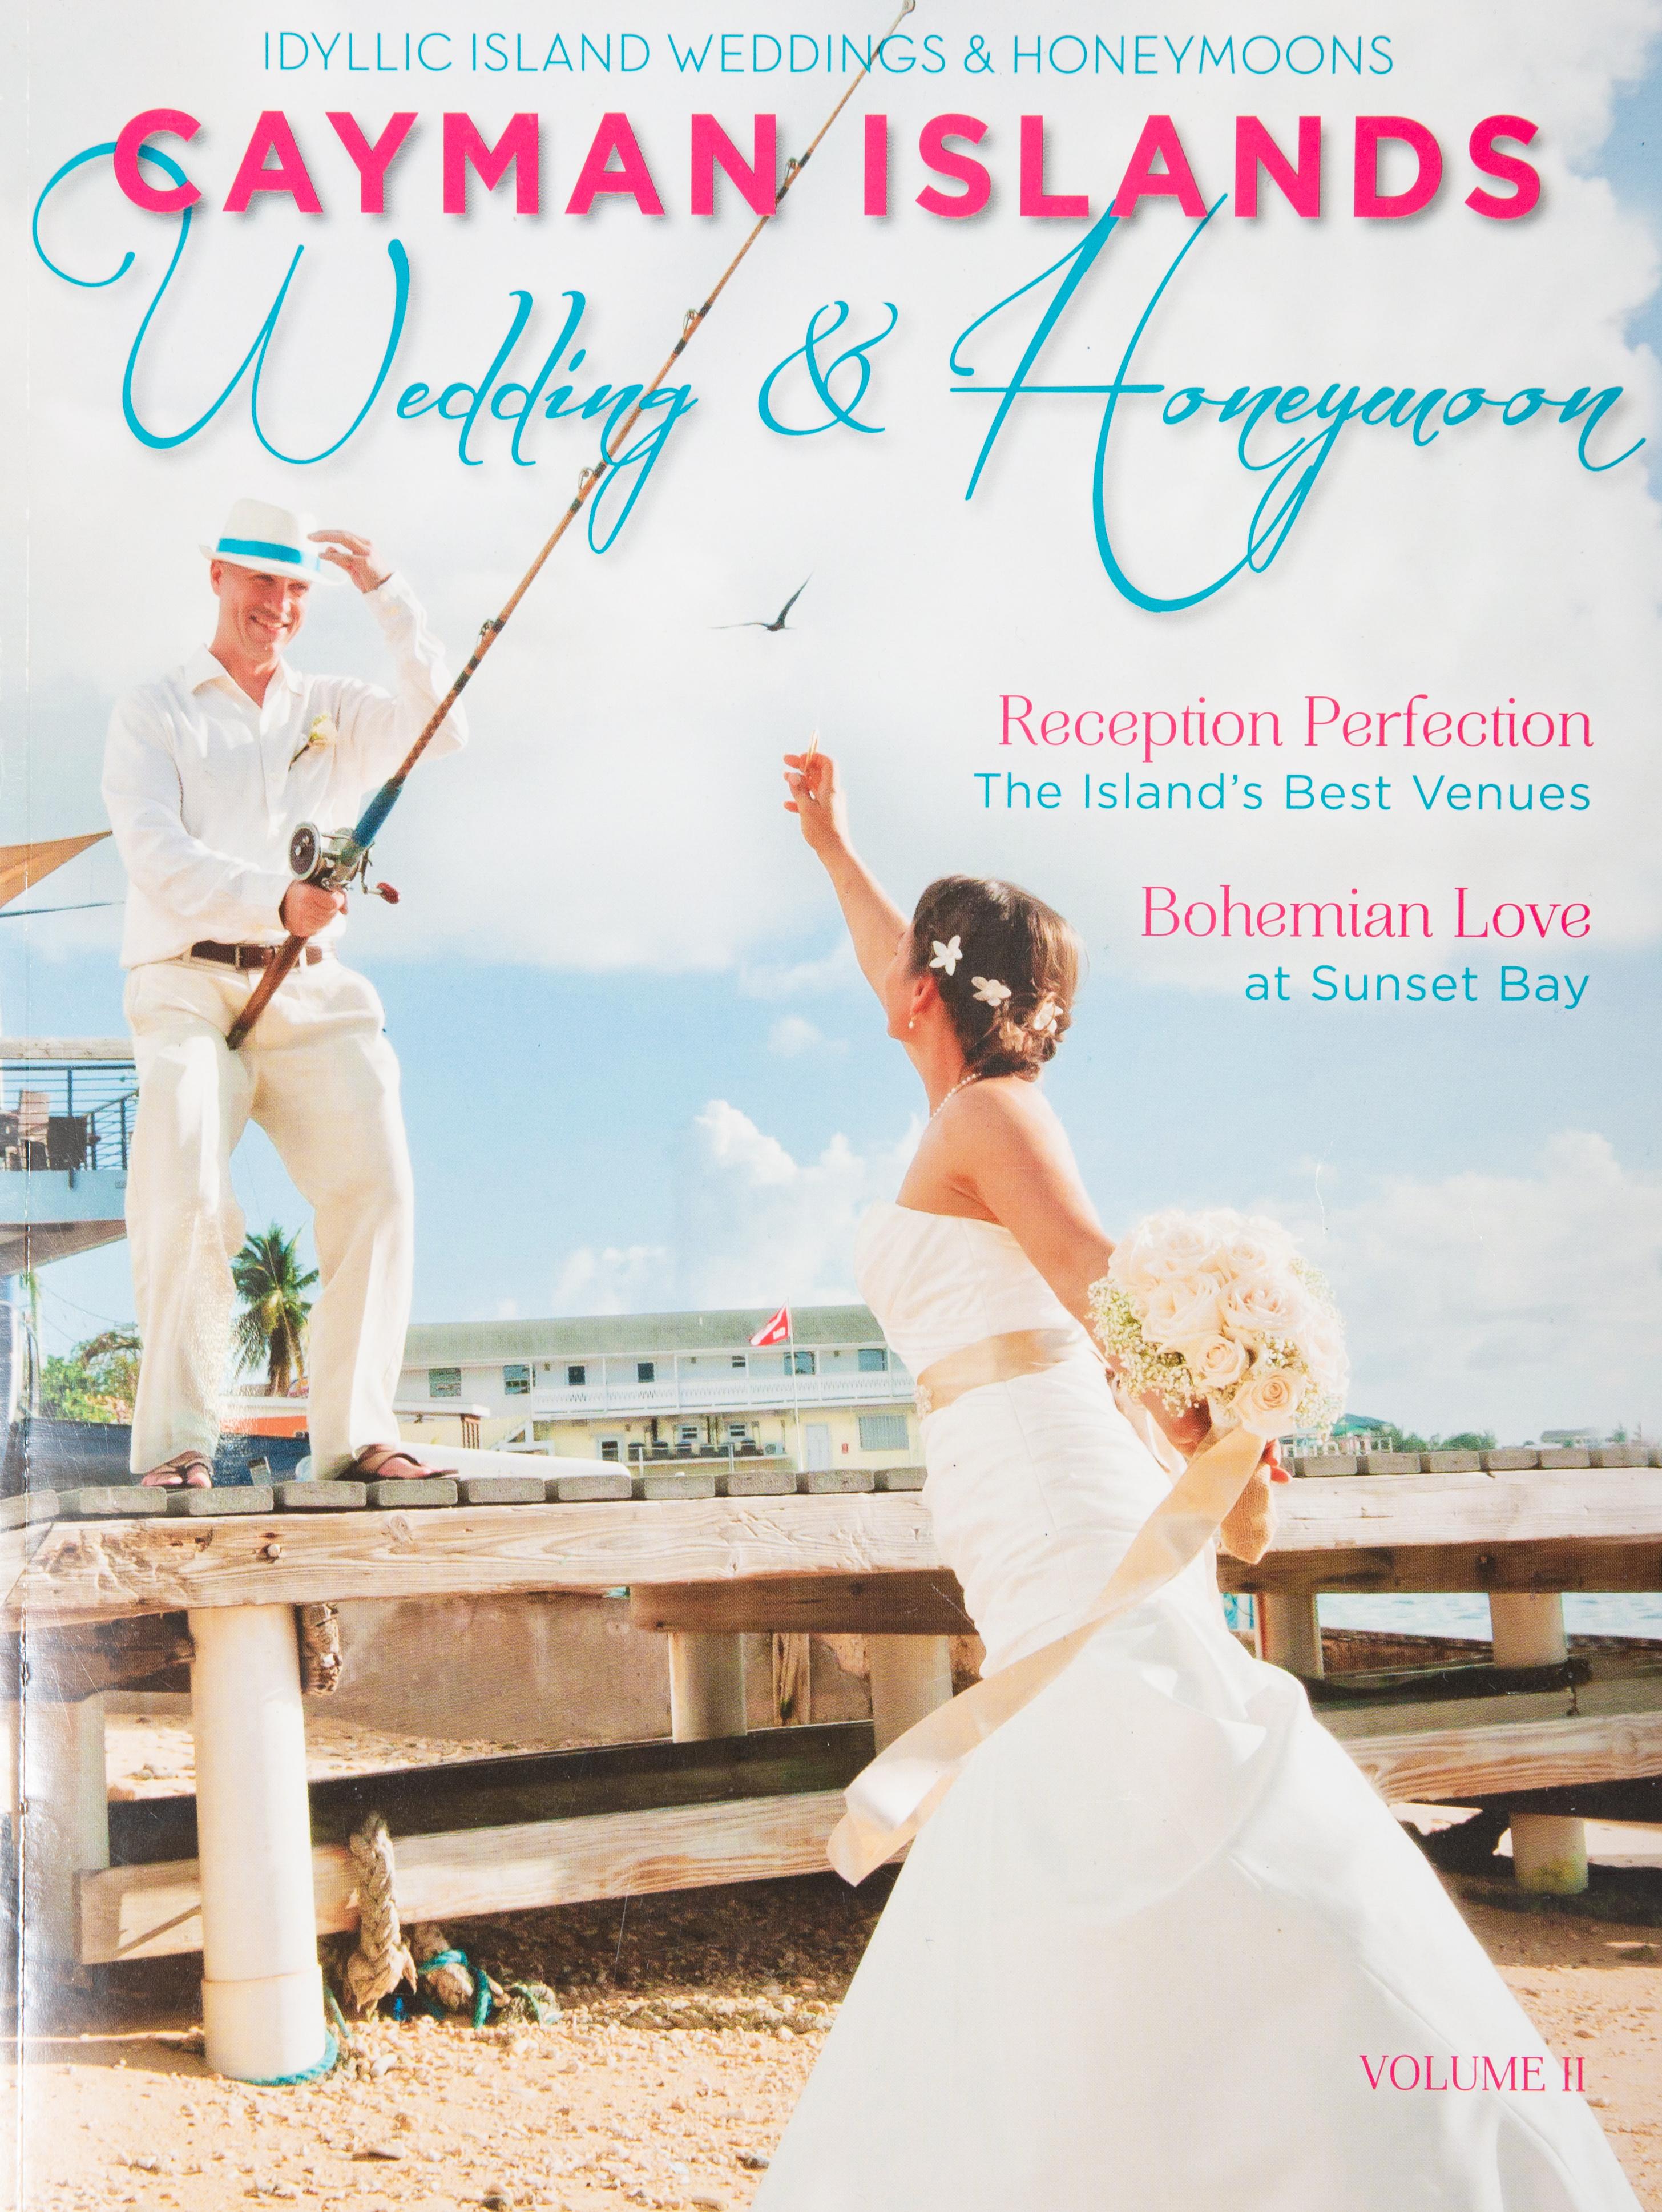 Cayman Islands Wedding & Honeymoon